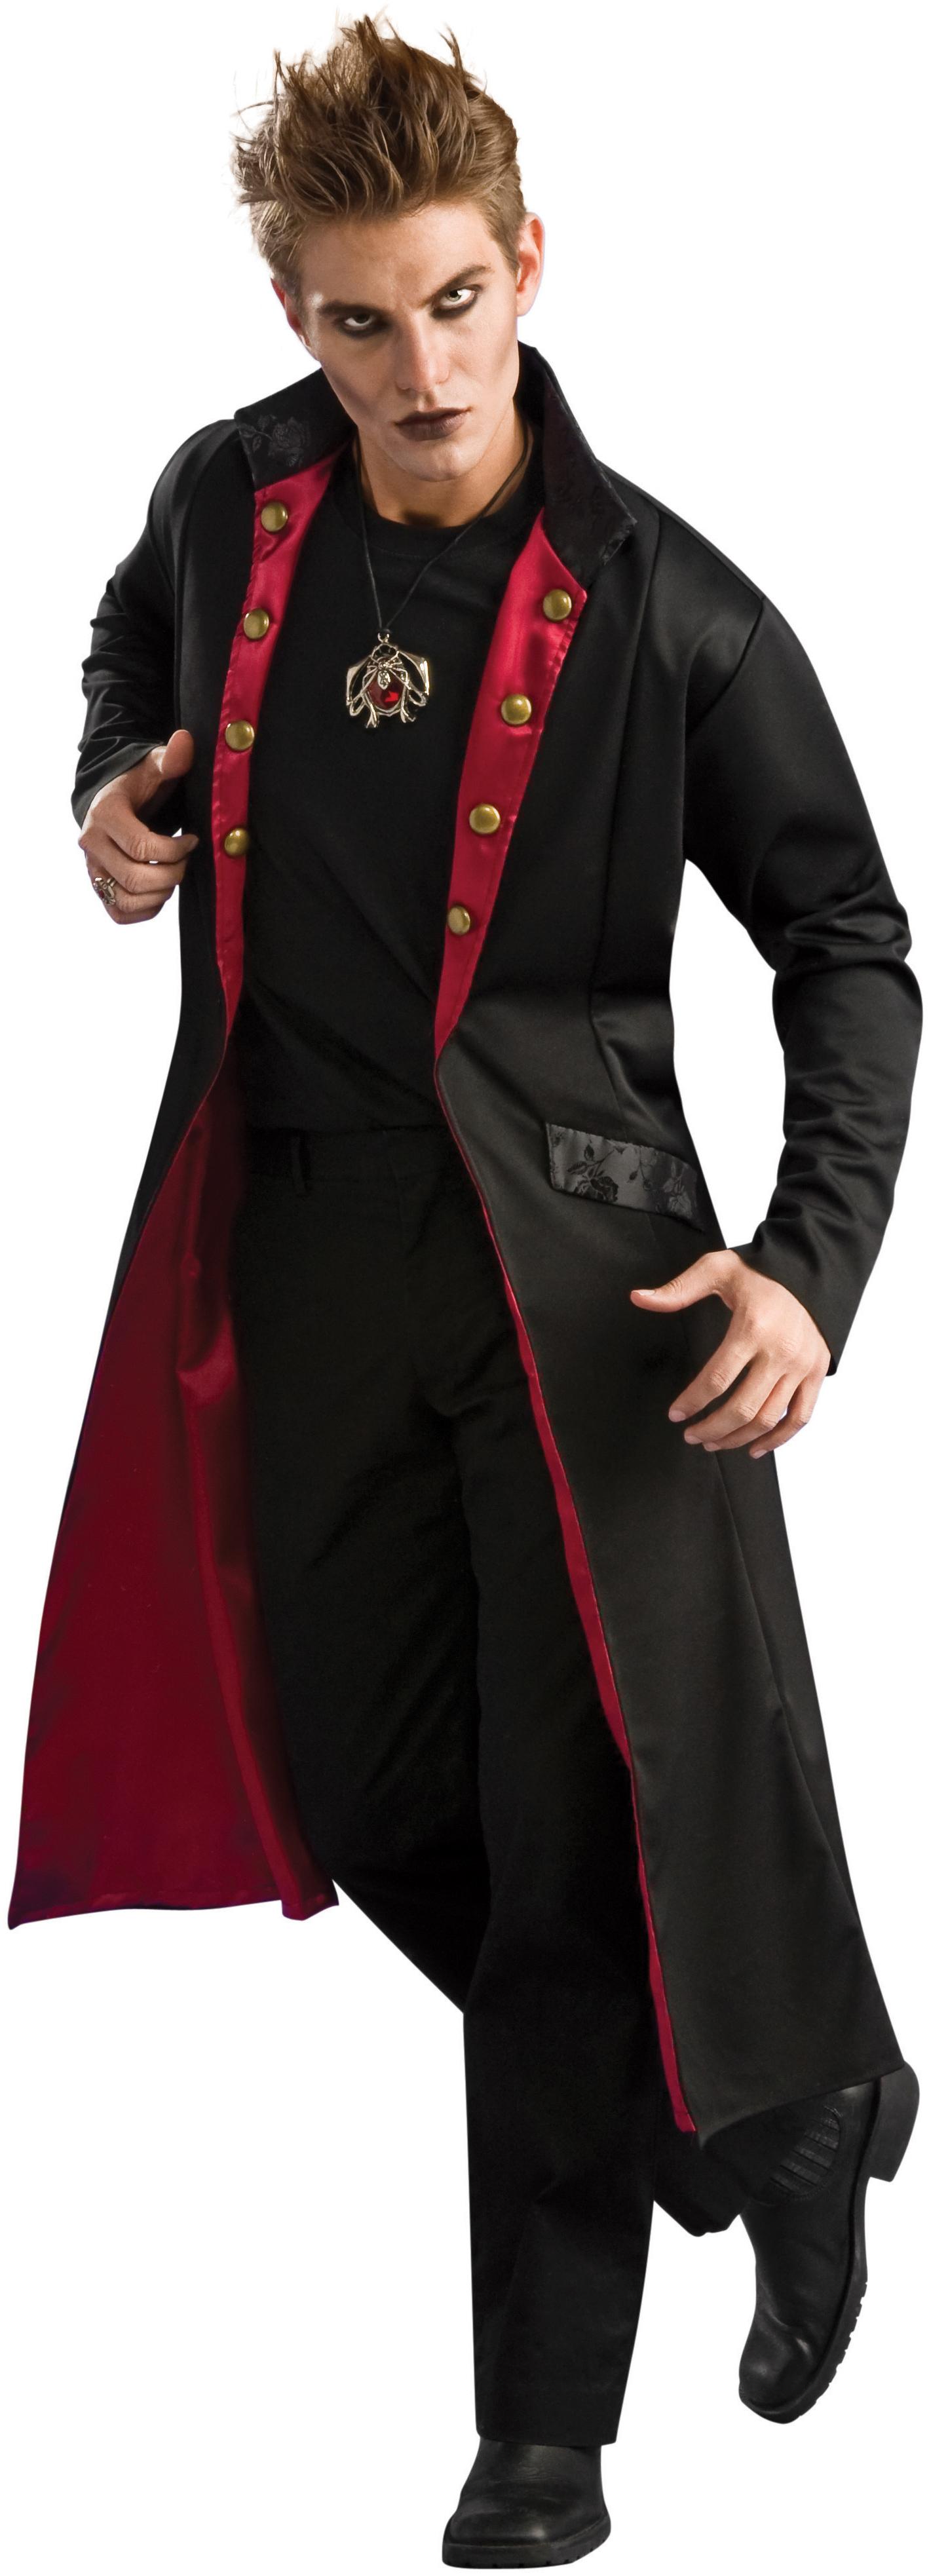 Modern vampire costume for men new modern 2010 vampire